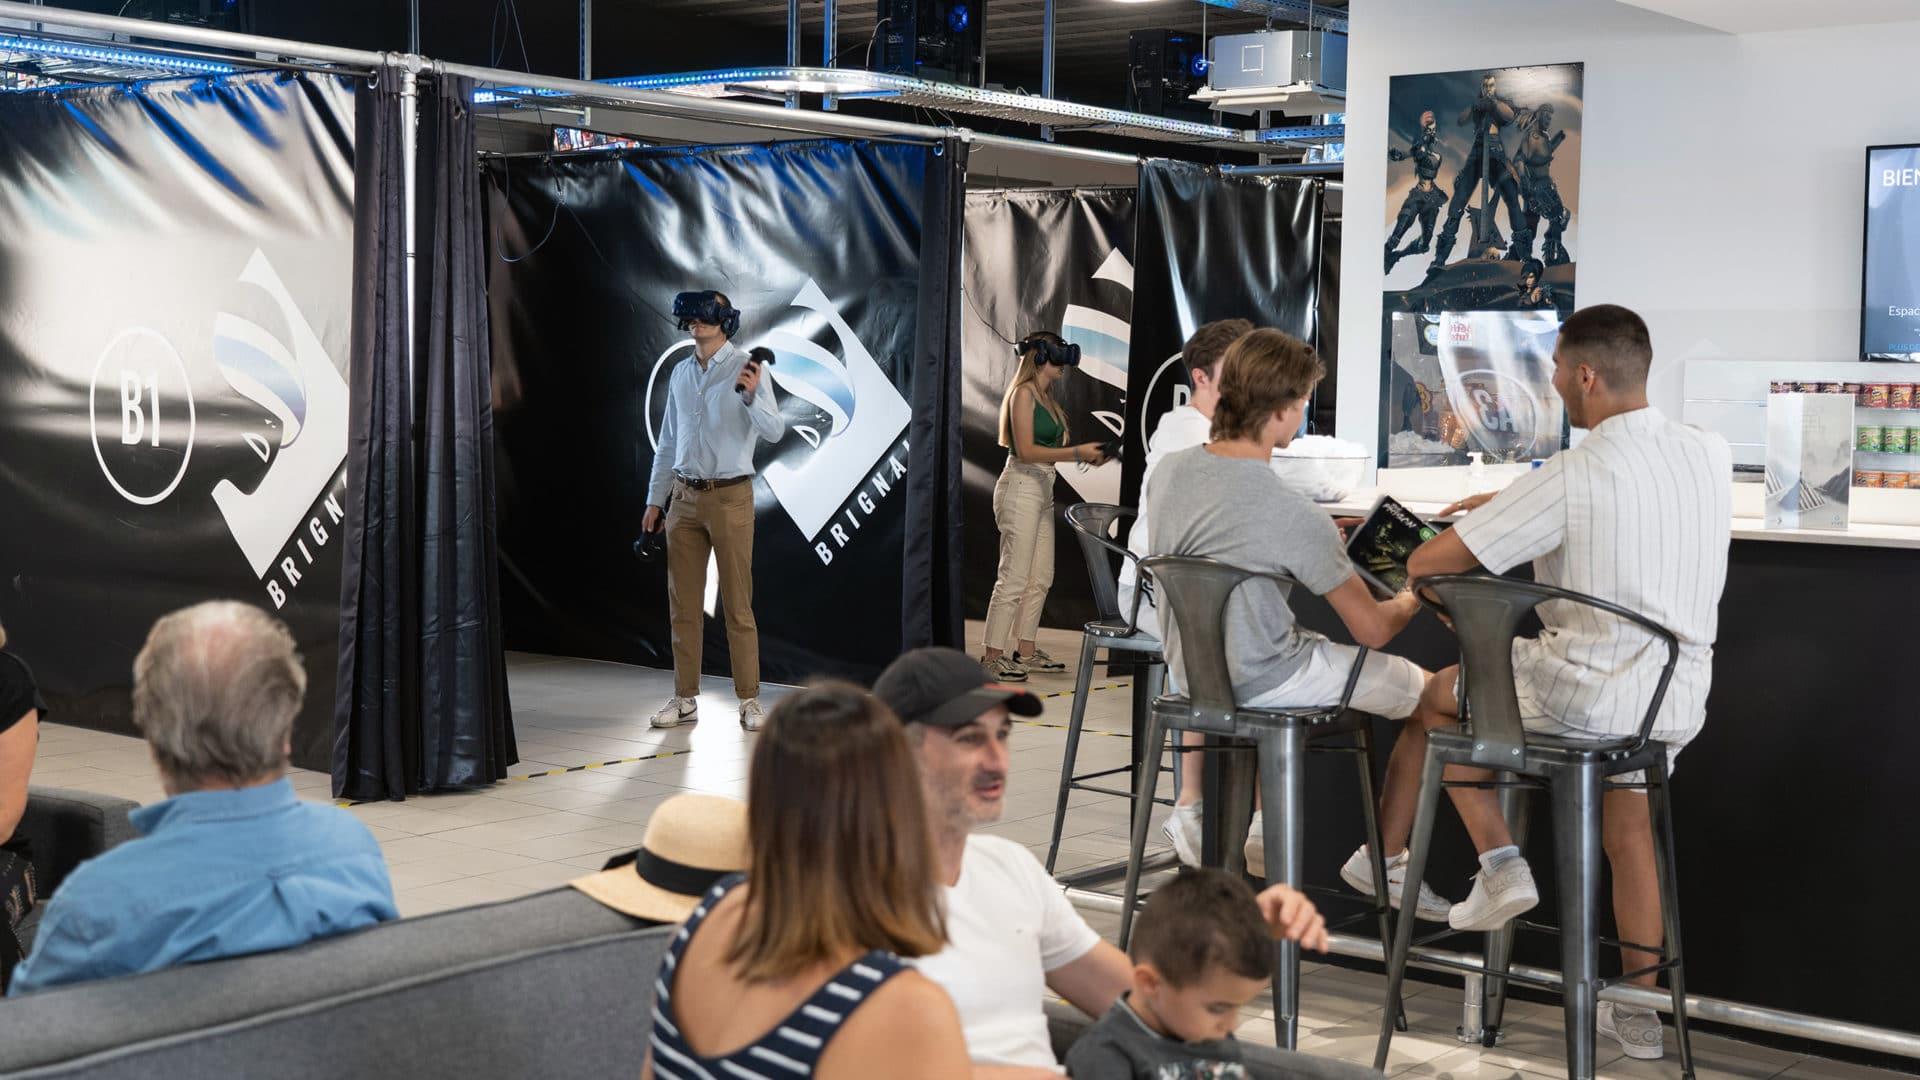 Activité de réalité virtuelle avec des adolescents